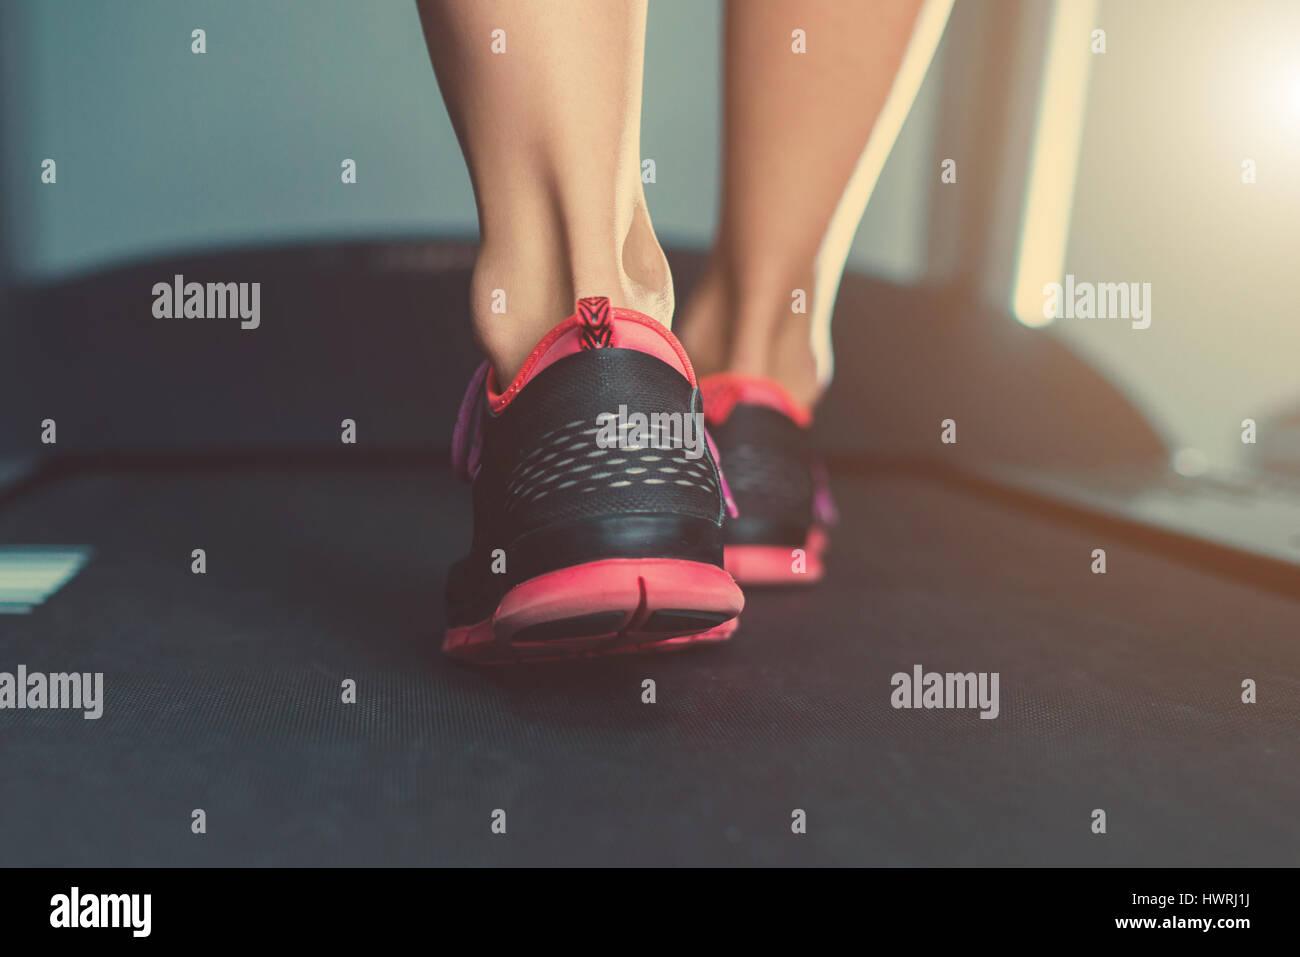 Hembra pies muscular en zapatillas corriendo en la cinta en el ...